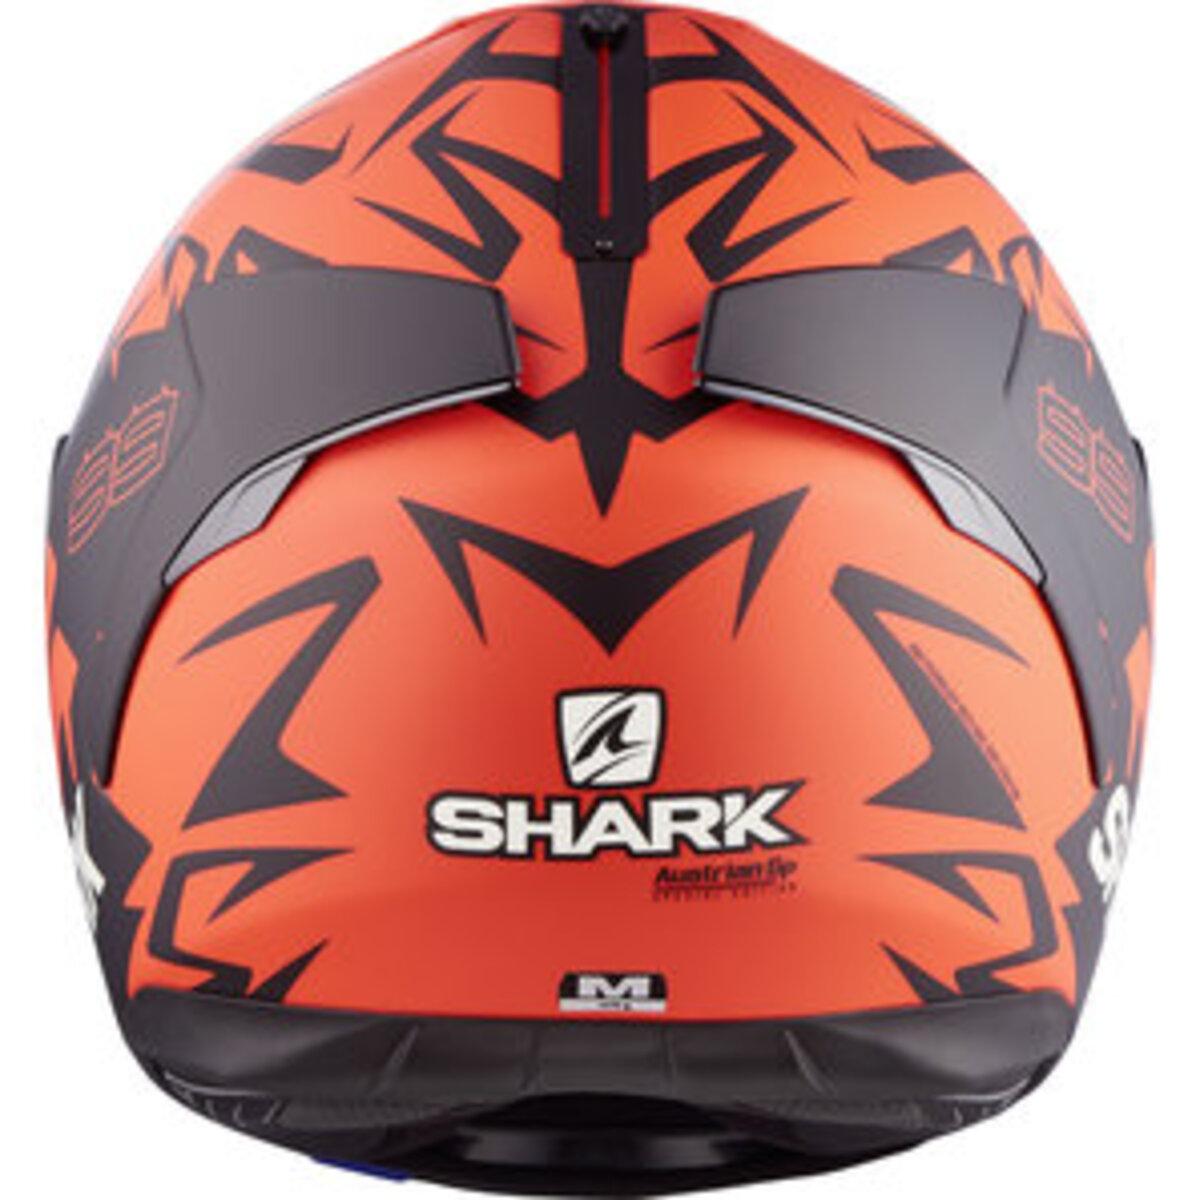 Bild 4 von Shark Spartan Lorenzo Austrian GP        Integralhelm